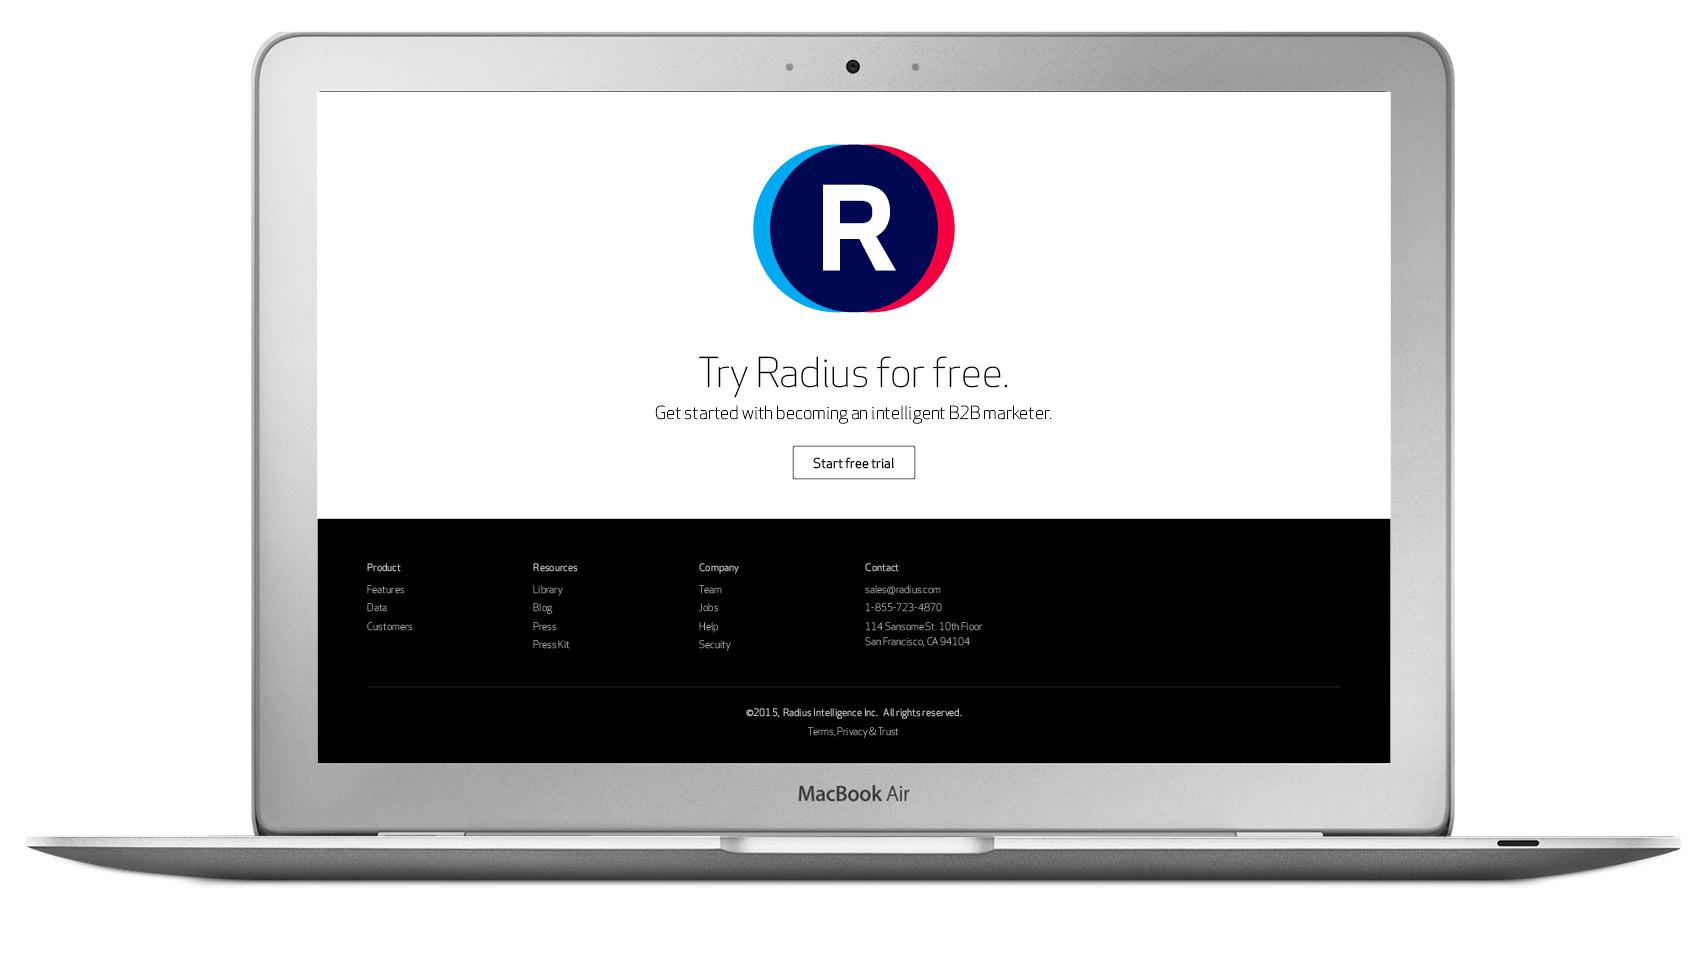 radius-site-6.jpg